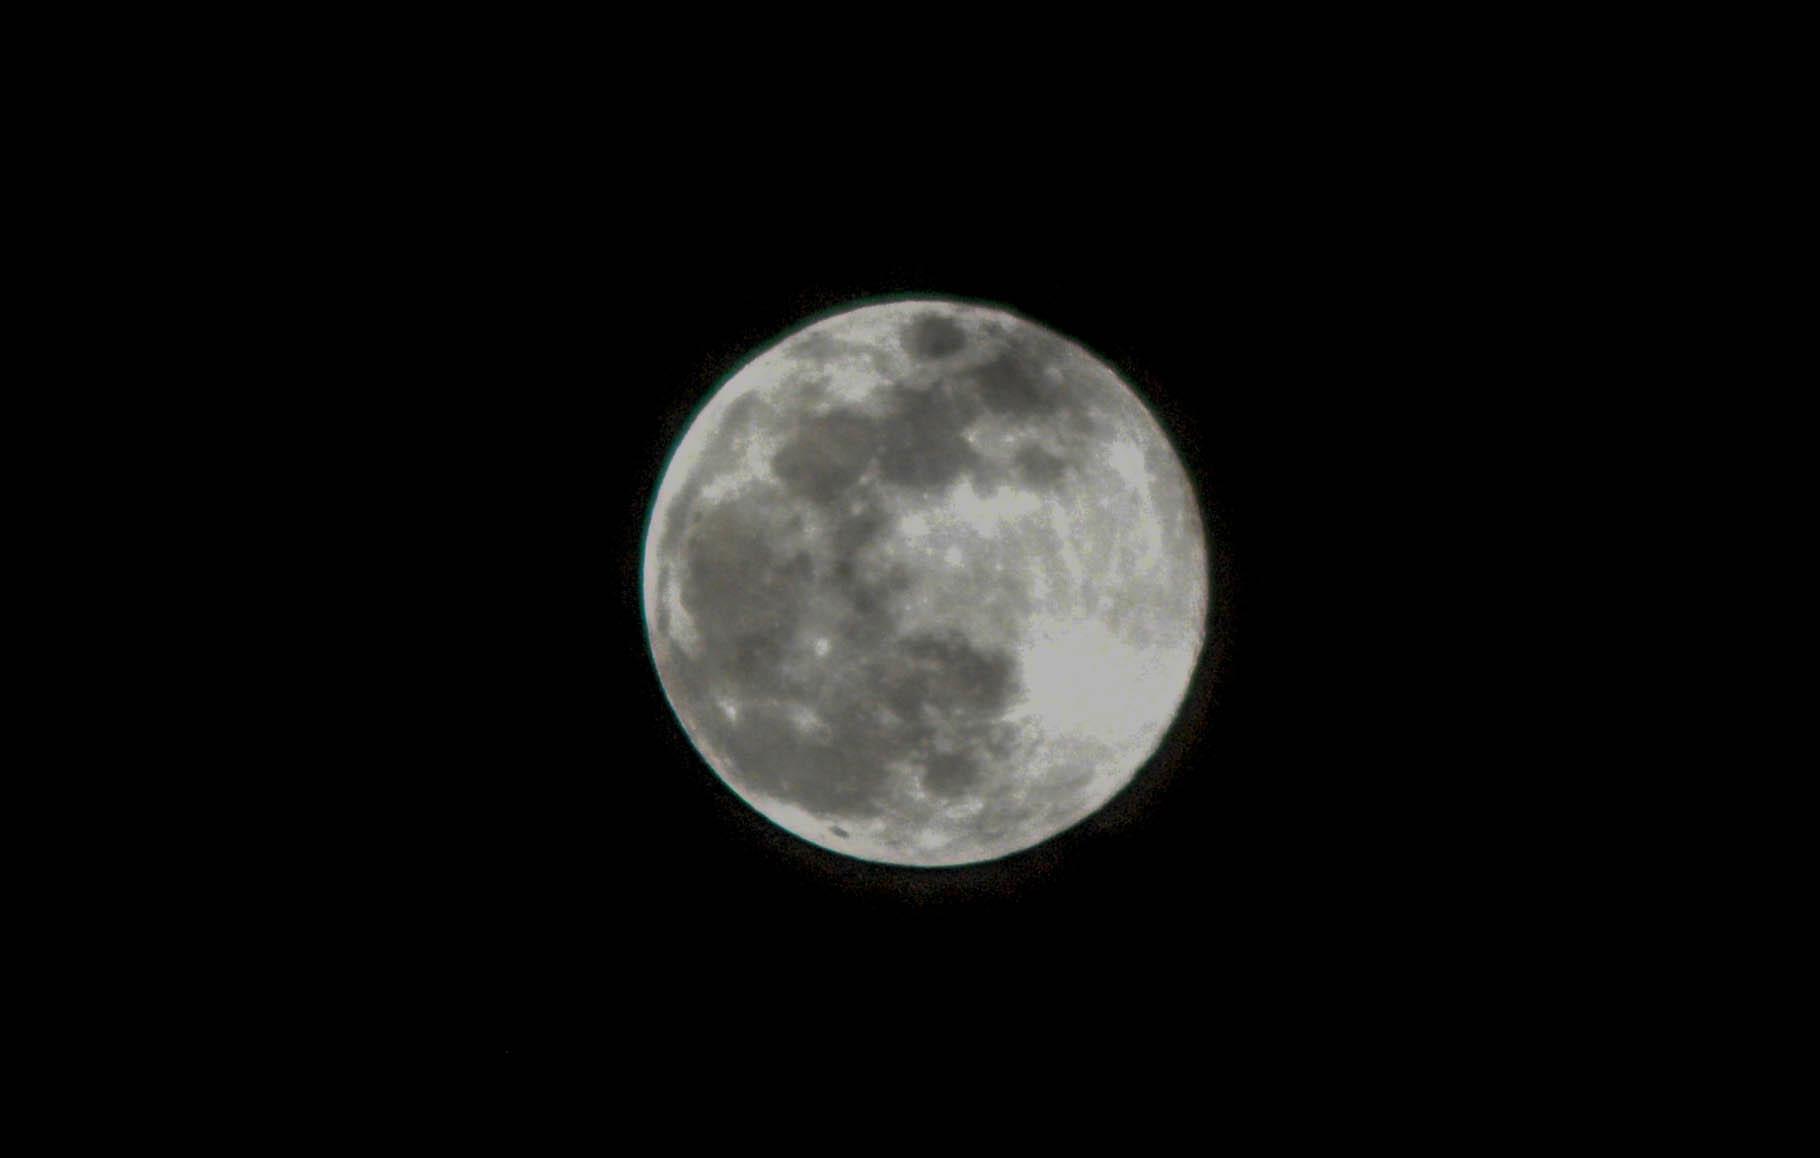 Full Moon, Lunar, Moon, Planet, Space, HQ Photo